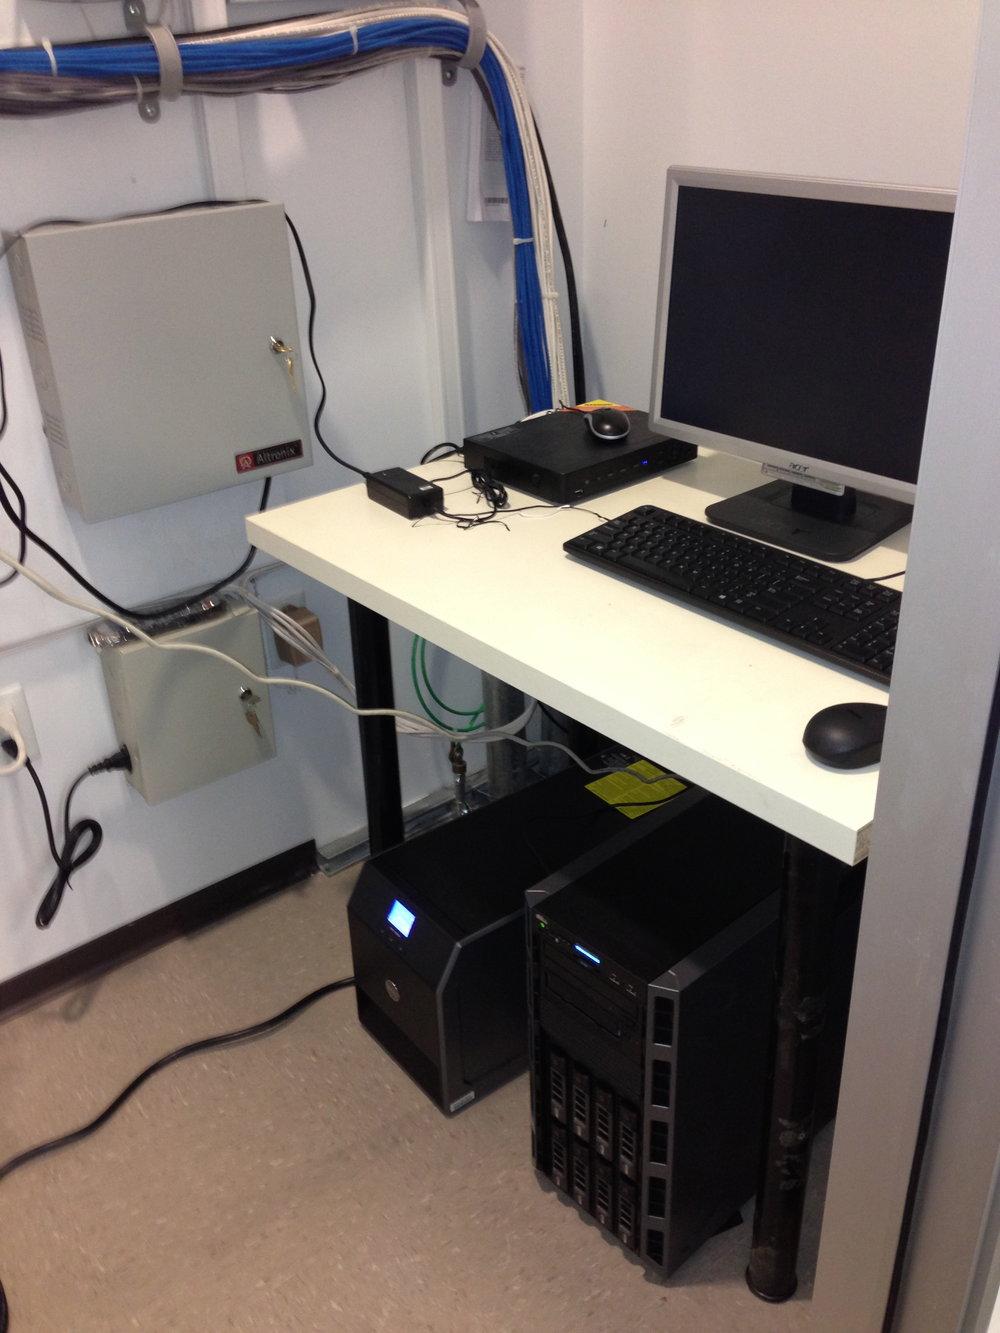 Office 2 server rack 2013